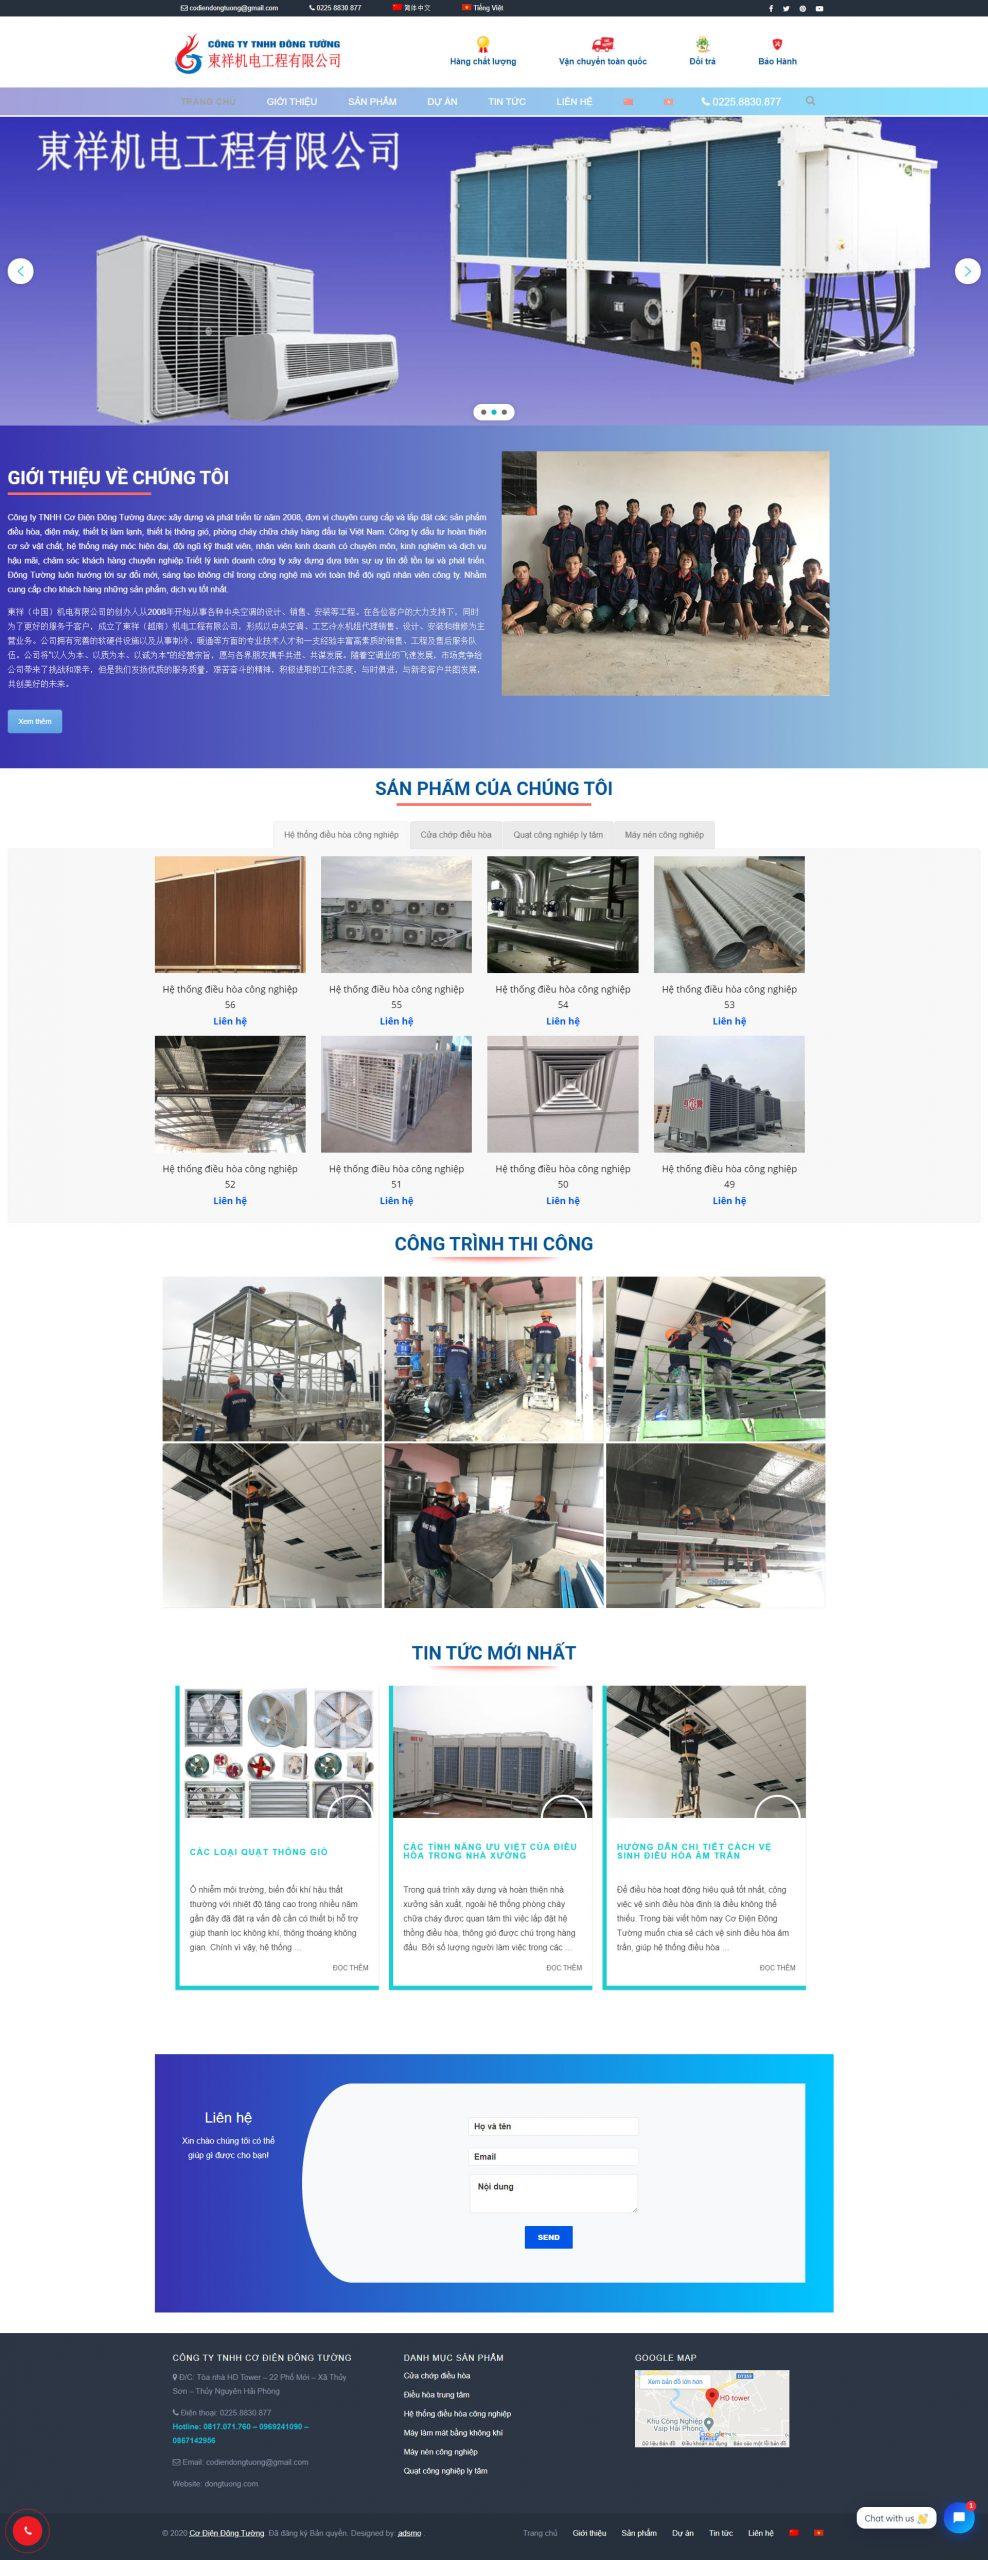 Giao diện website công ty Cơ điện Đông Tường